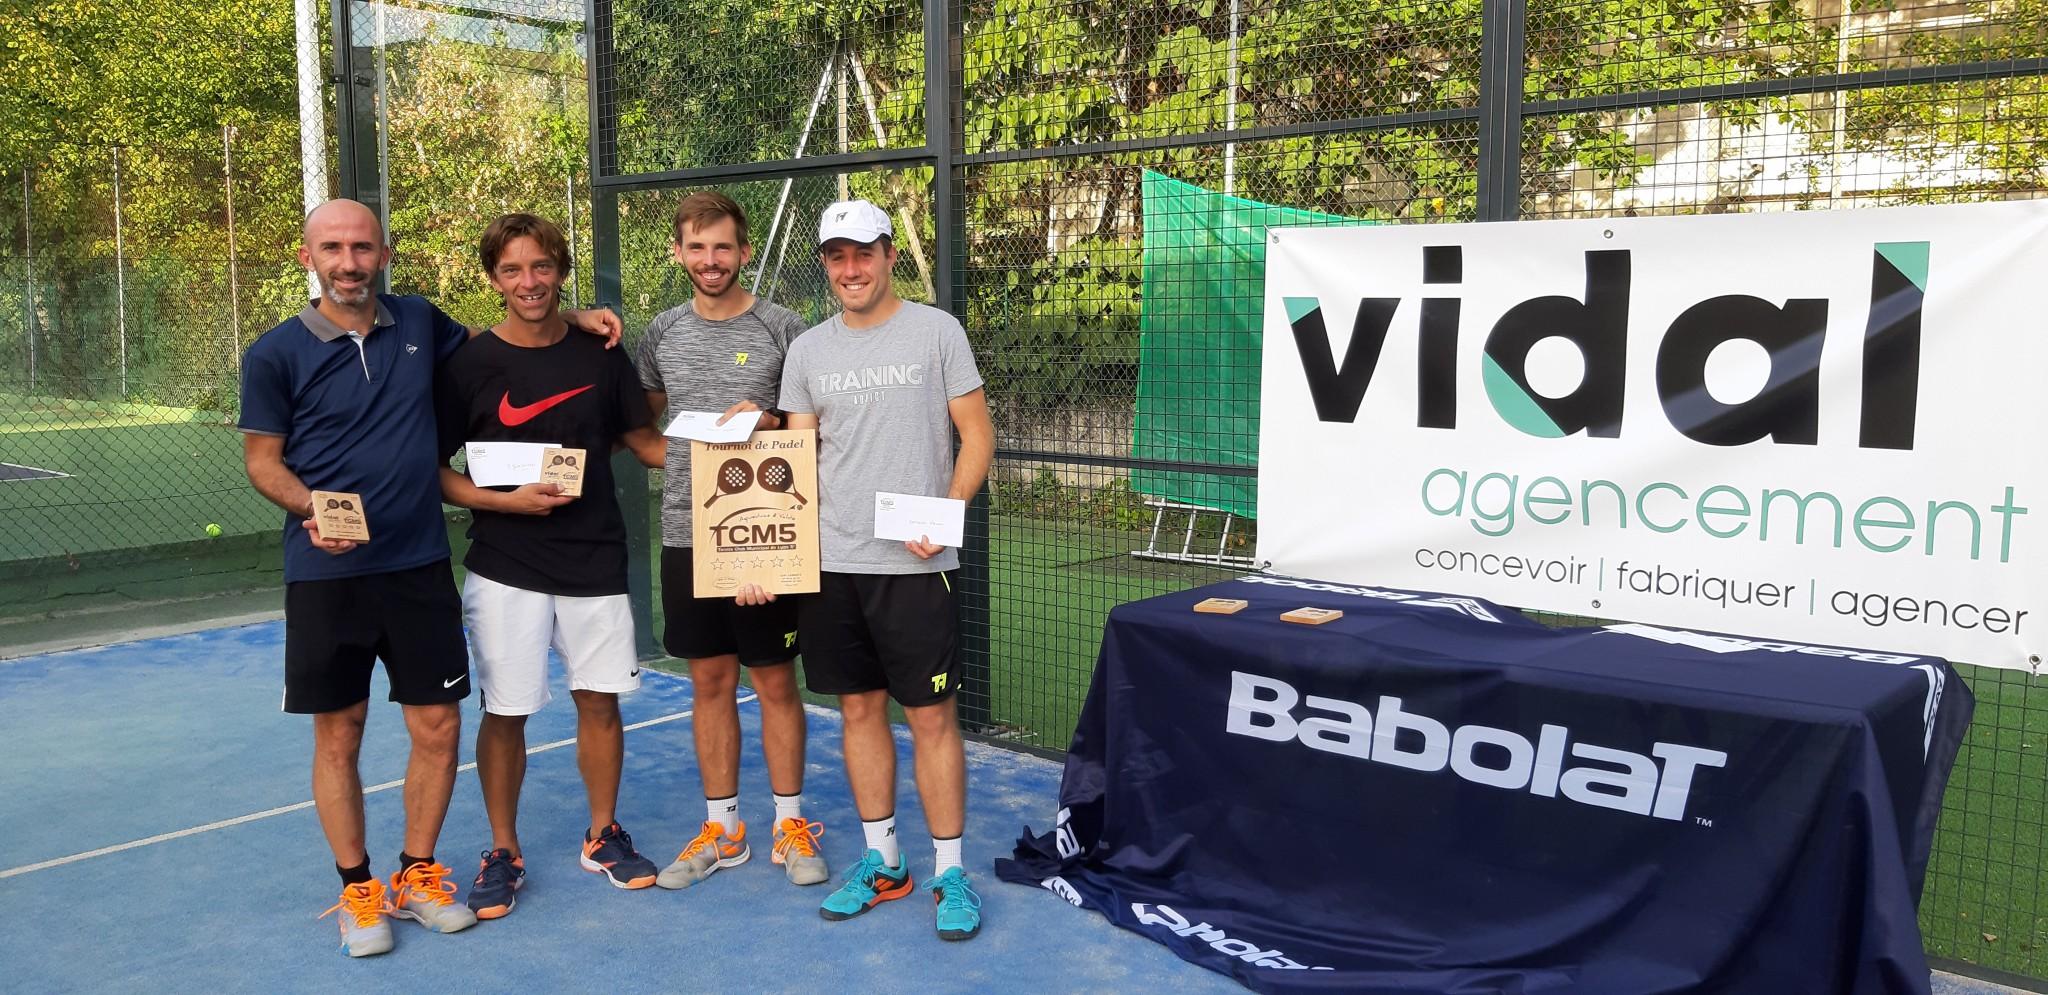 Titanic final won by Joulot / Sanchez at the Open TCM5 - Vidal Agencement